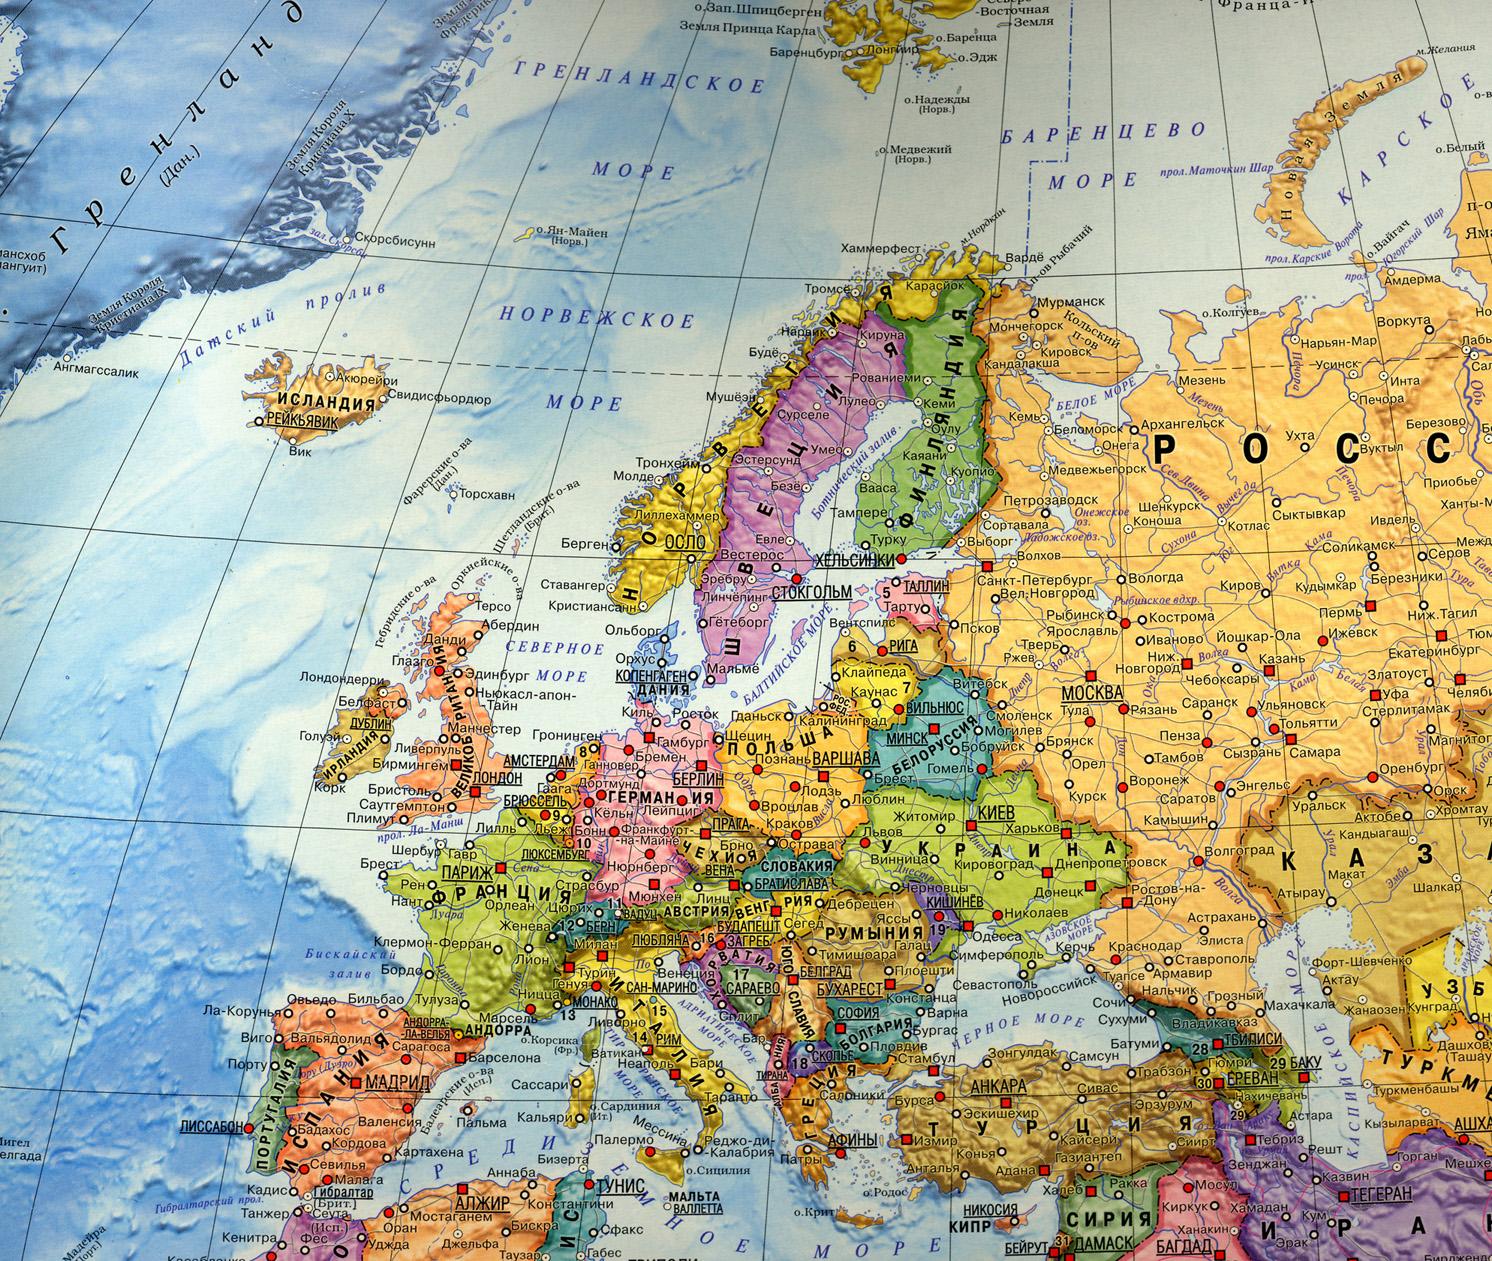 Karta Evropy Evropa Avtomobilnaya Karta Evropy Skachat Besplatno